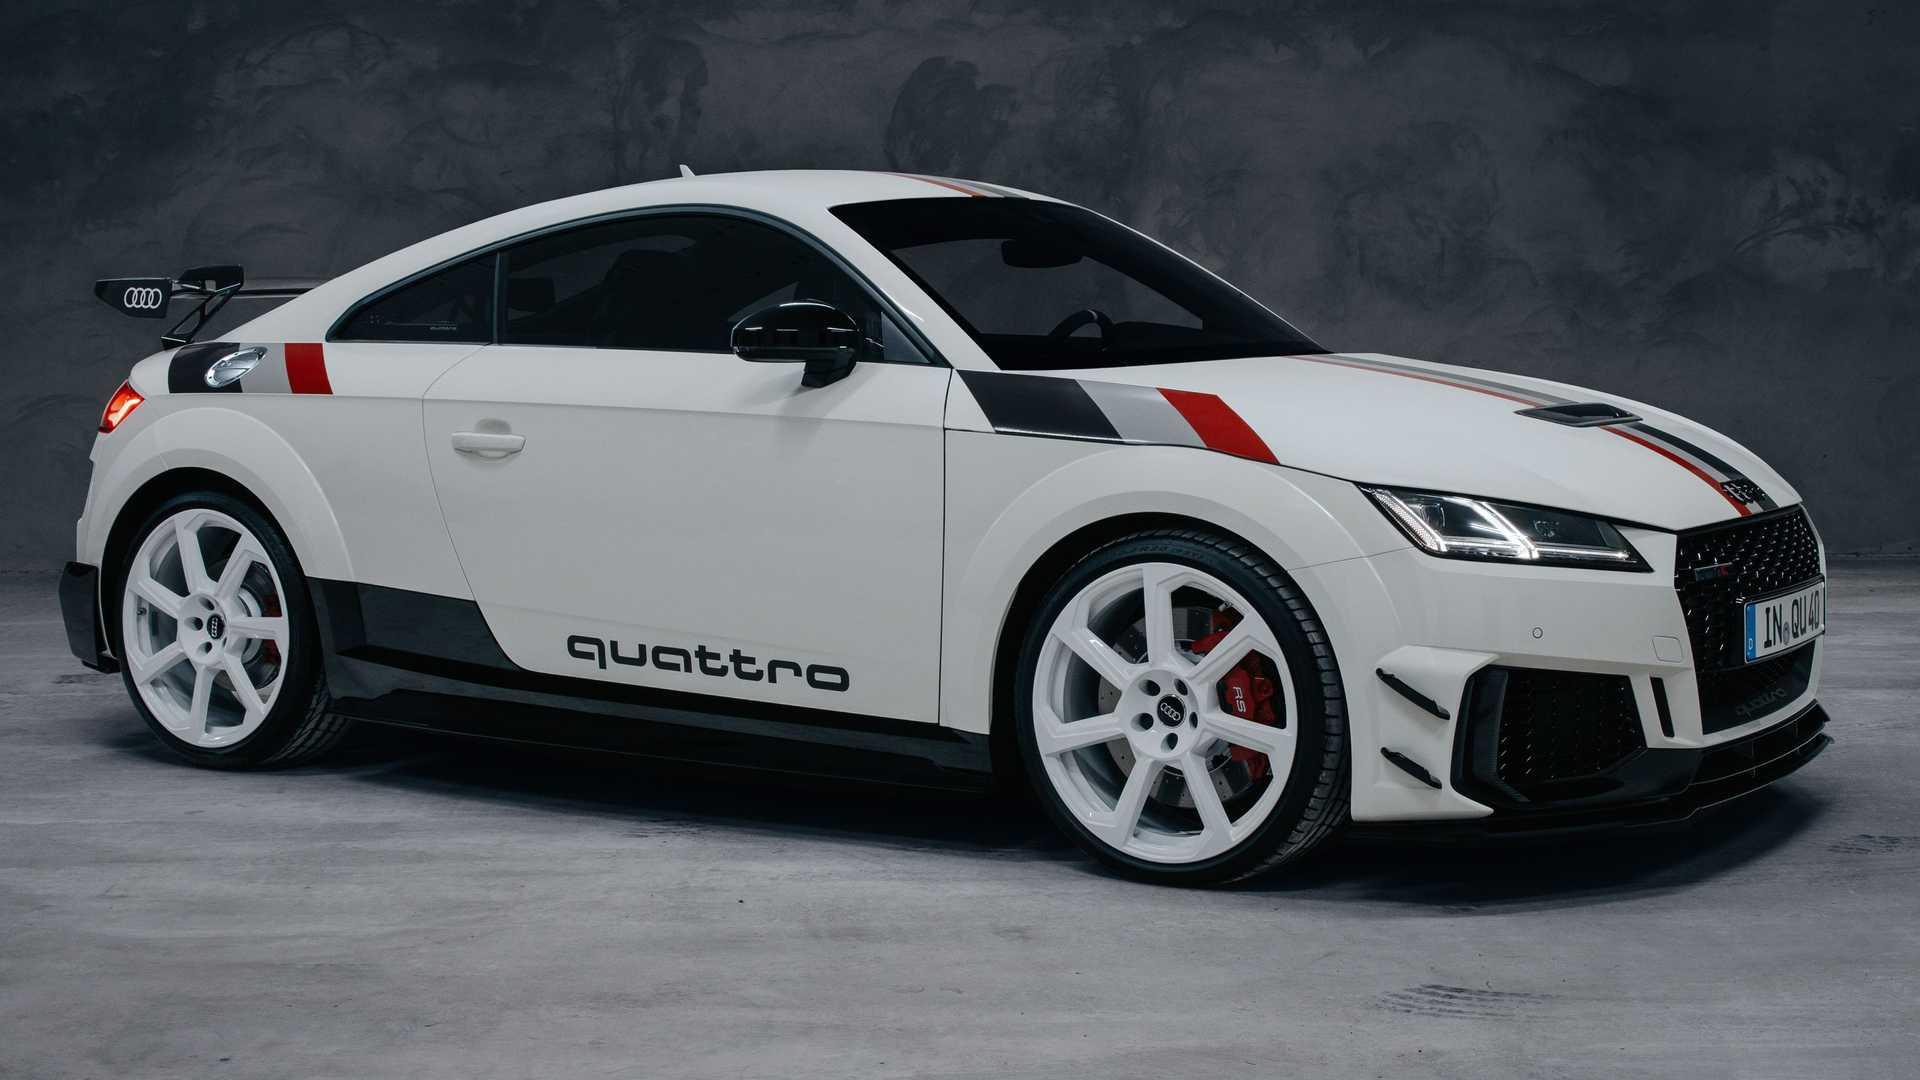 Audi_TT_RS_40_Years_Of_Quattro_0001